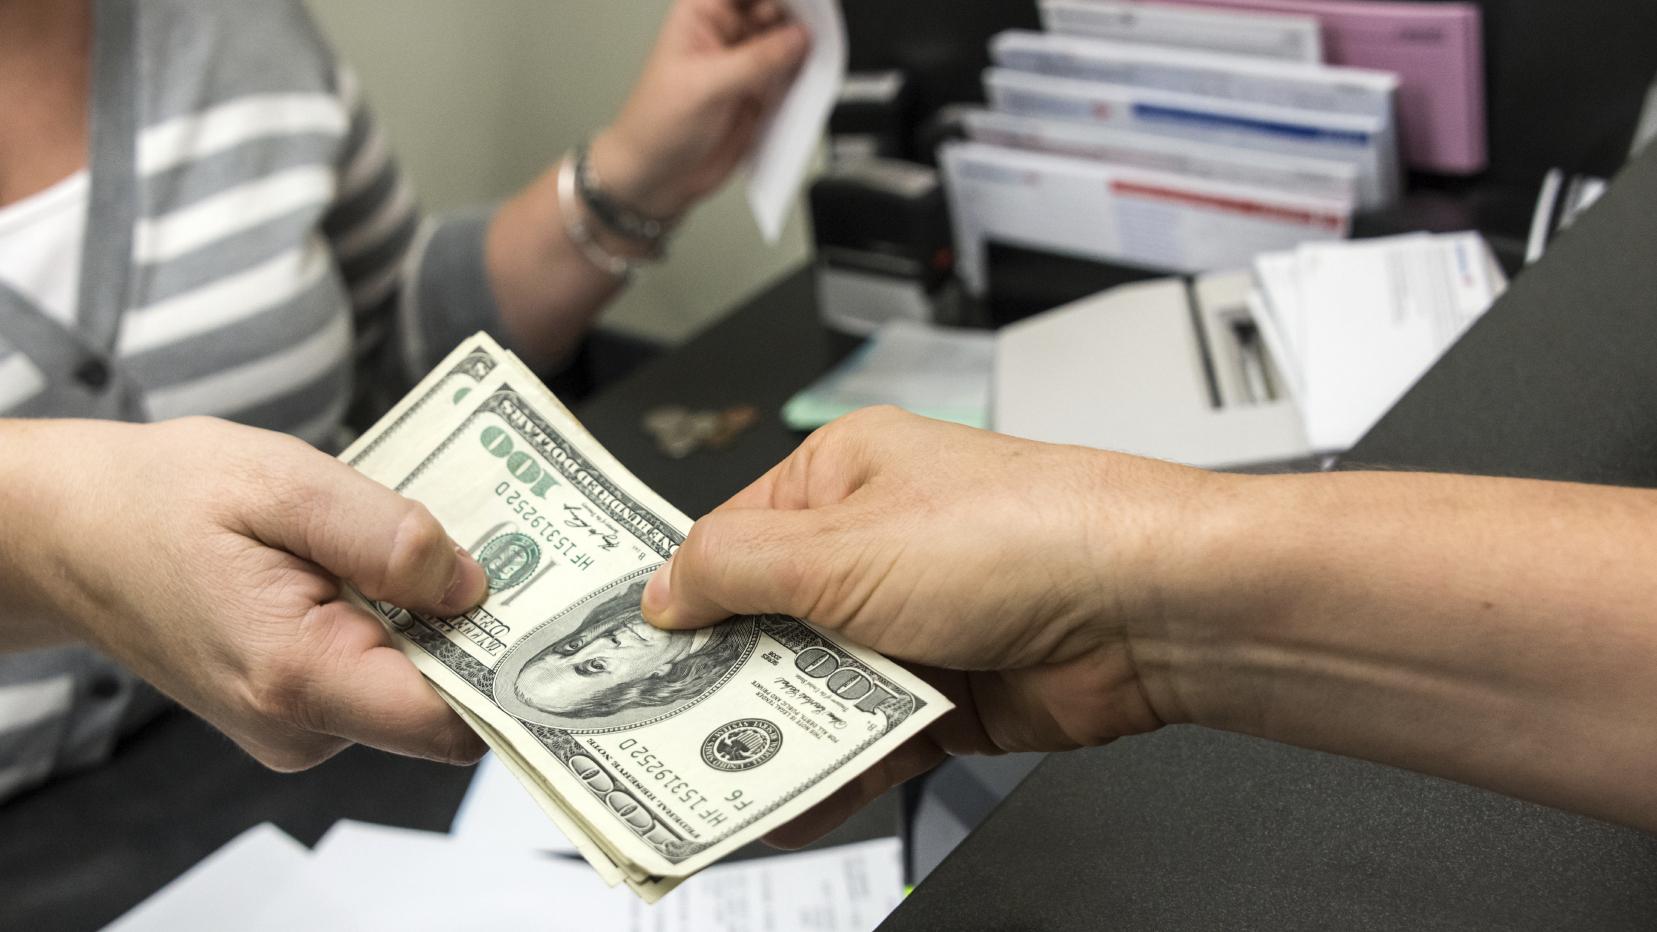 تمويل المواطنين السعوديين. تقدم الآن واحصل على قرض